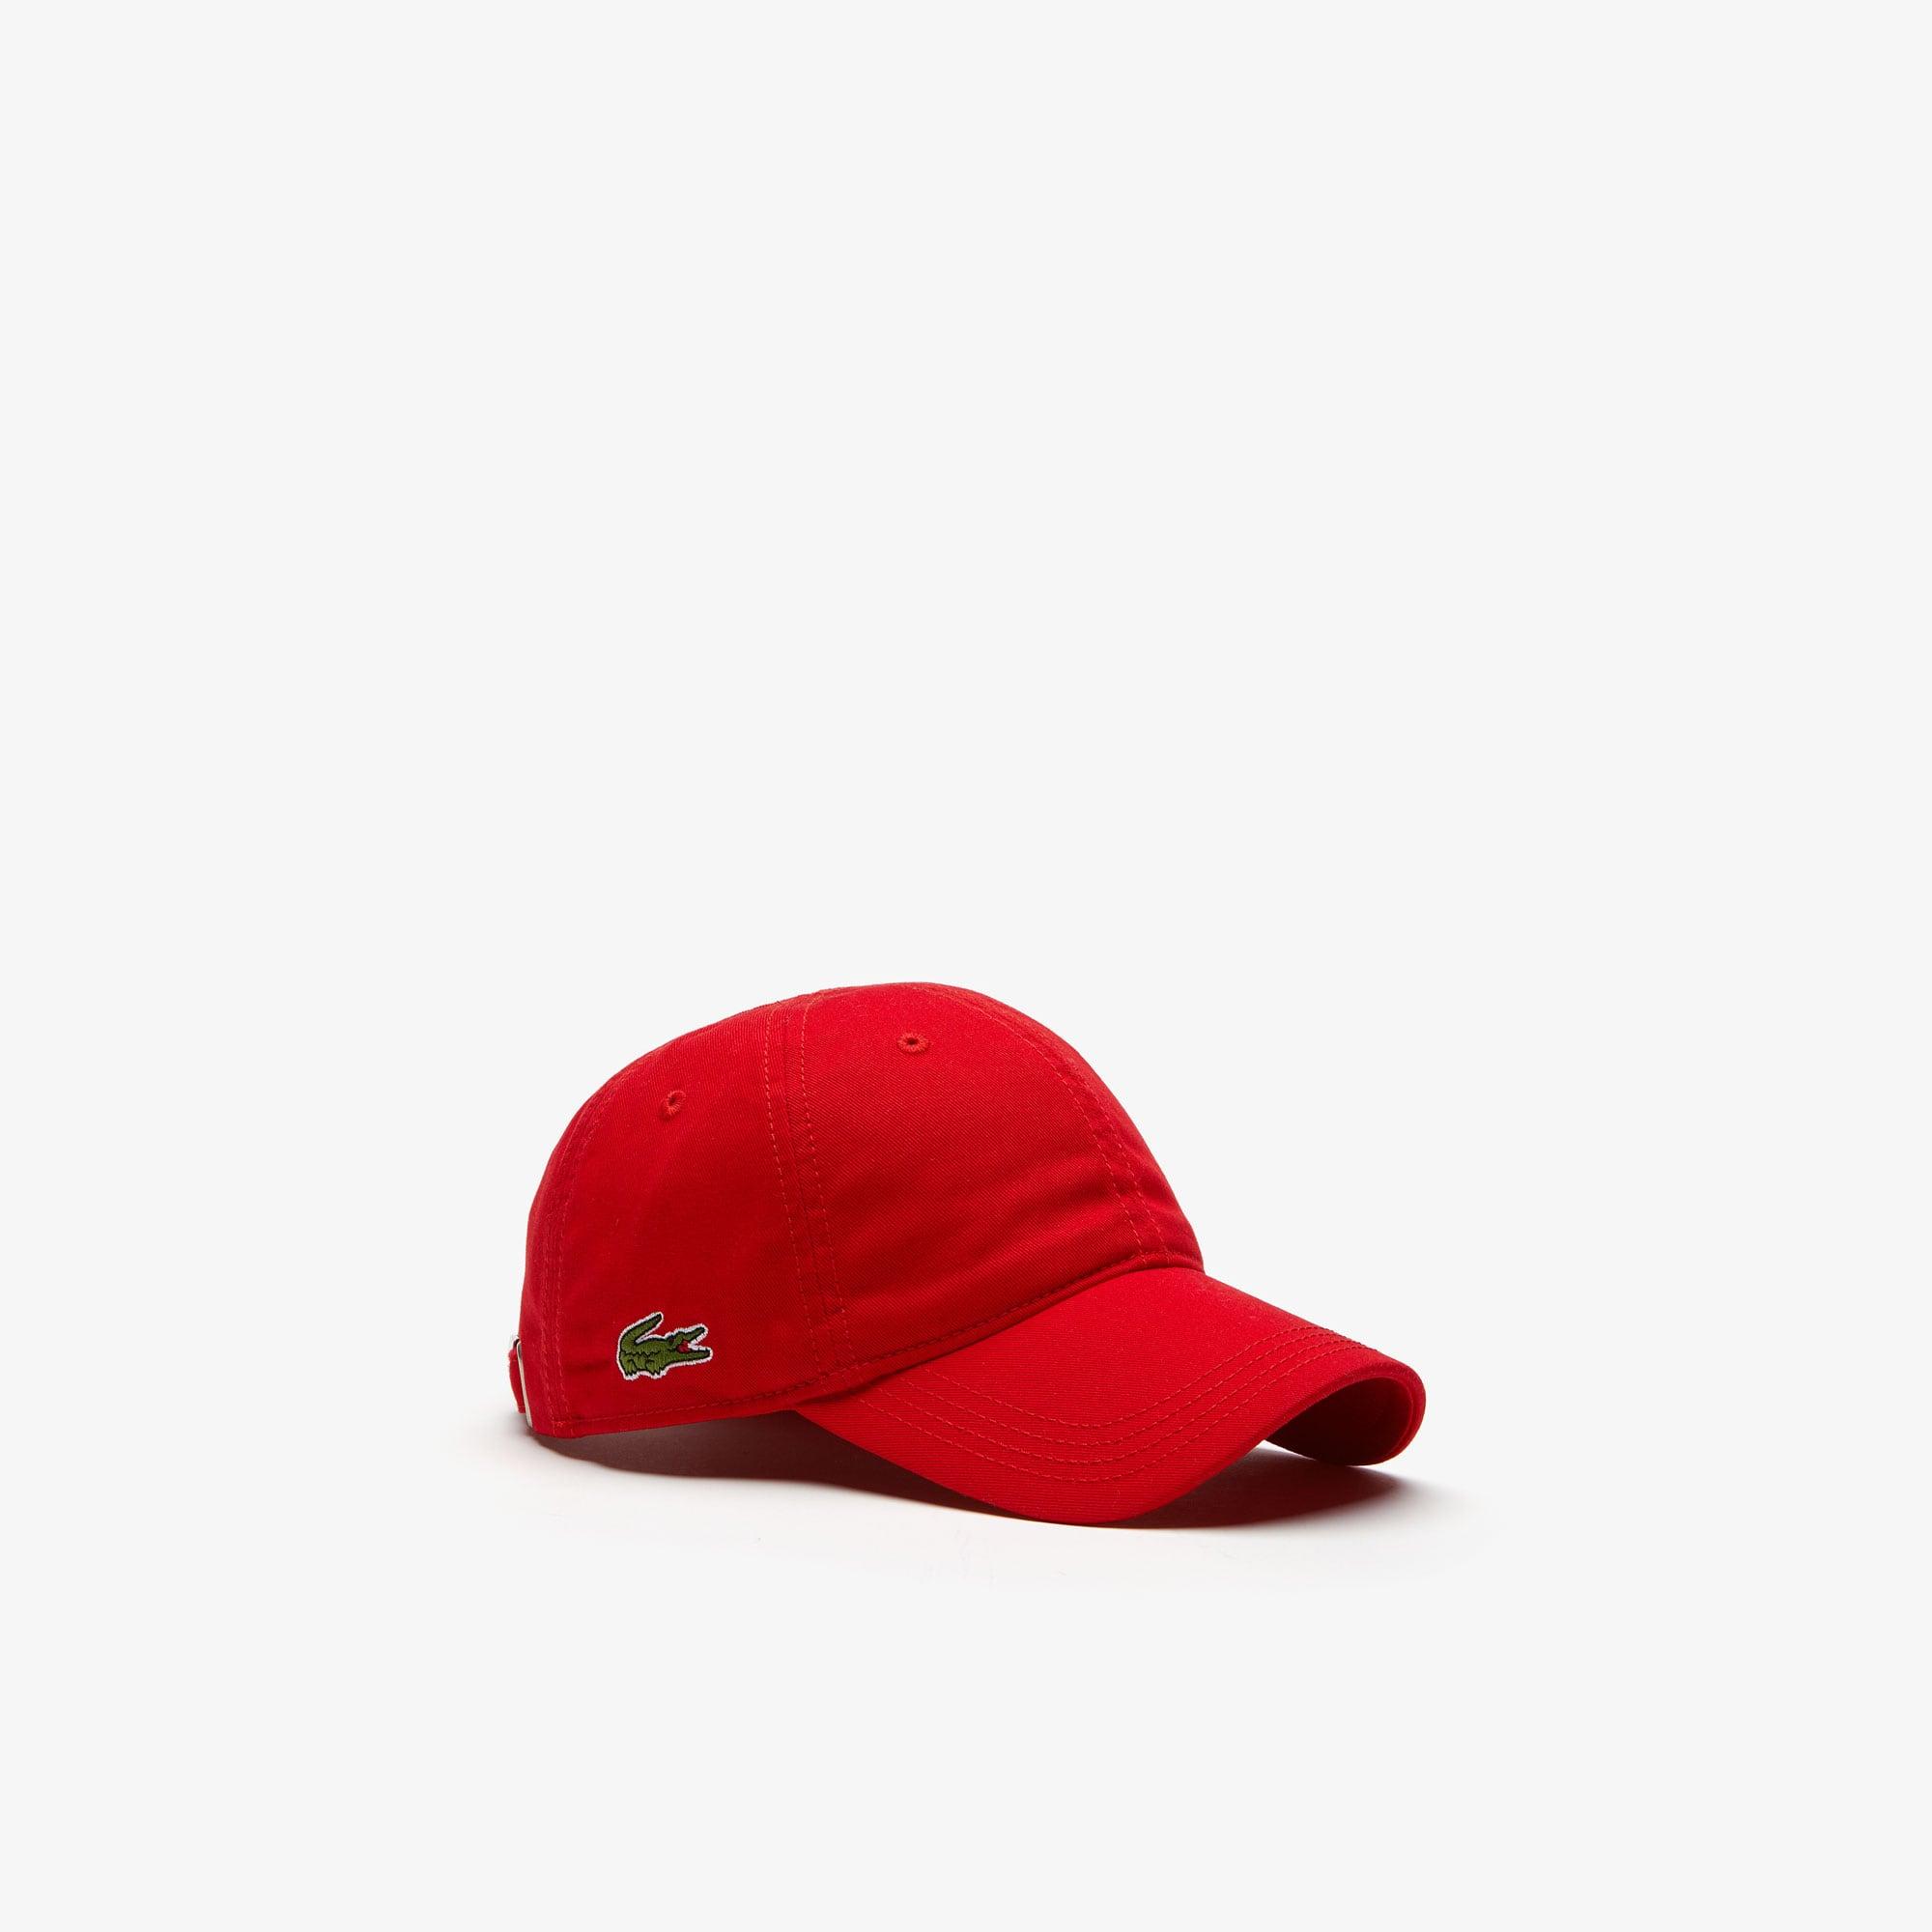 8163c01490 Chapeaux & Casquettes | Accessoires Homme | LACOSTE